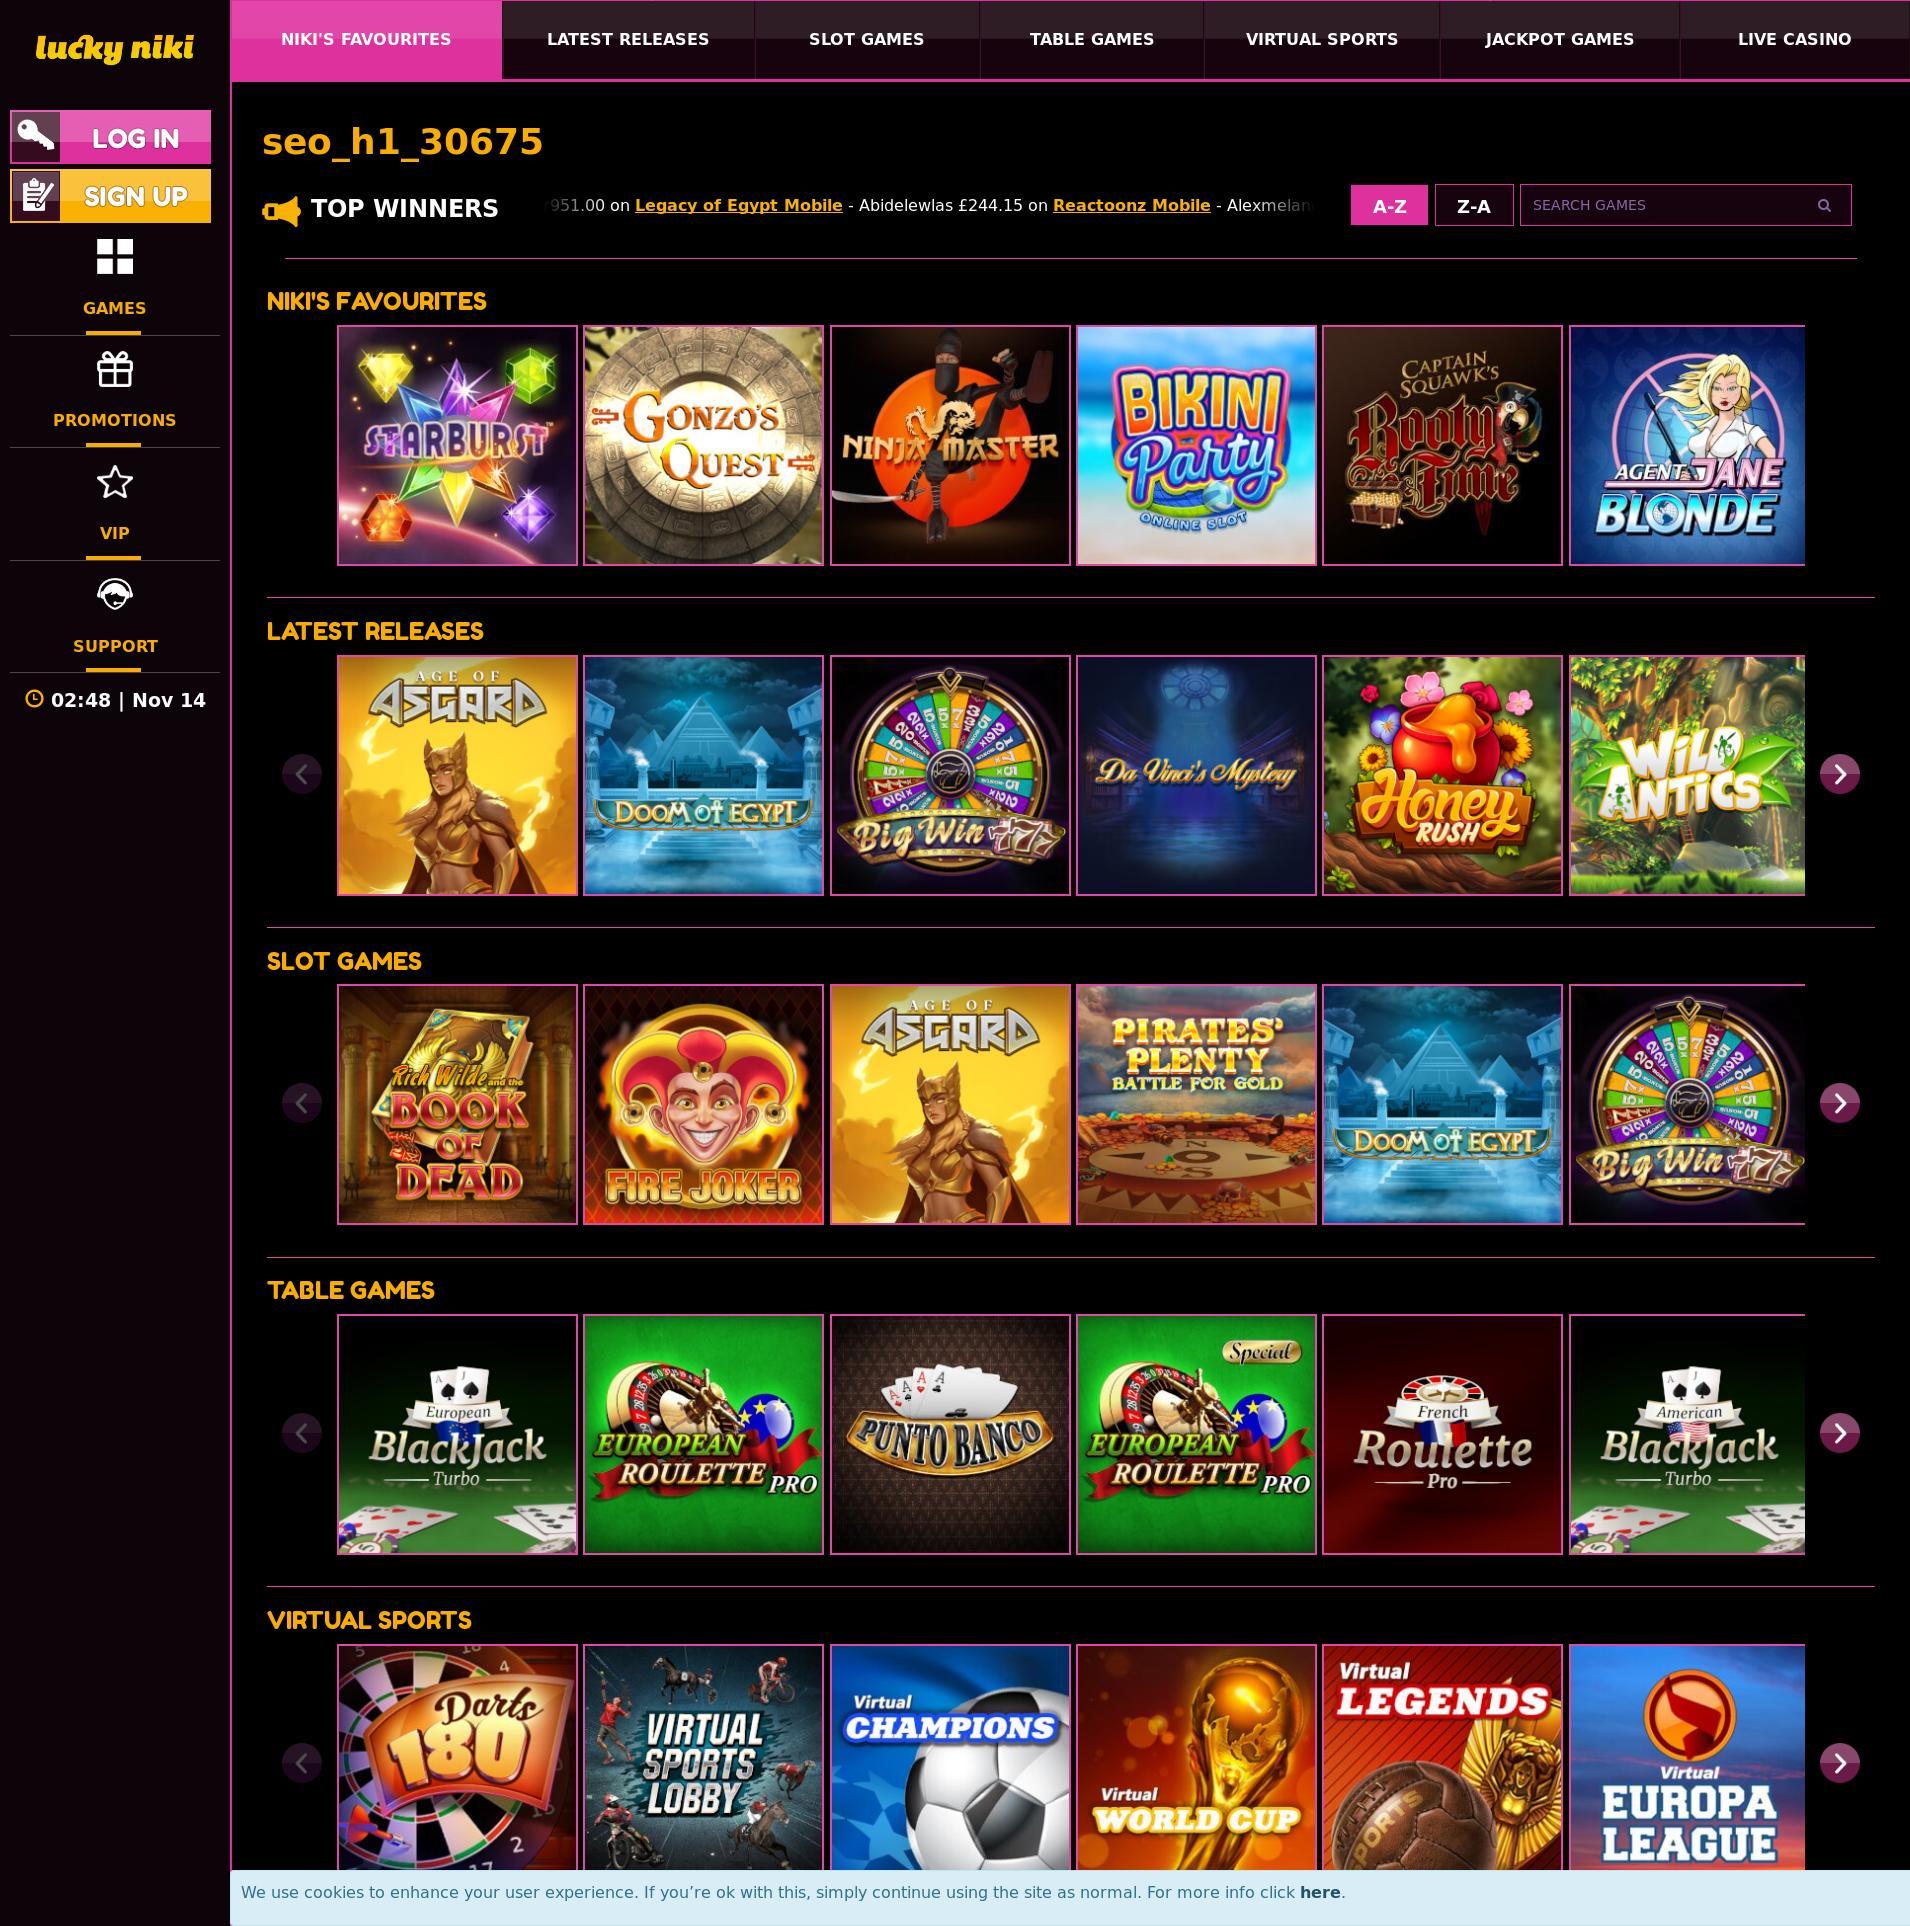 カジノのスクリーン Lobby 2019-11-14 ために イギリス